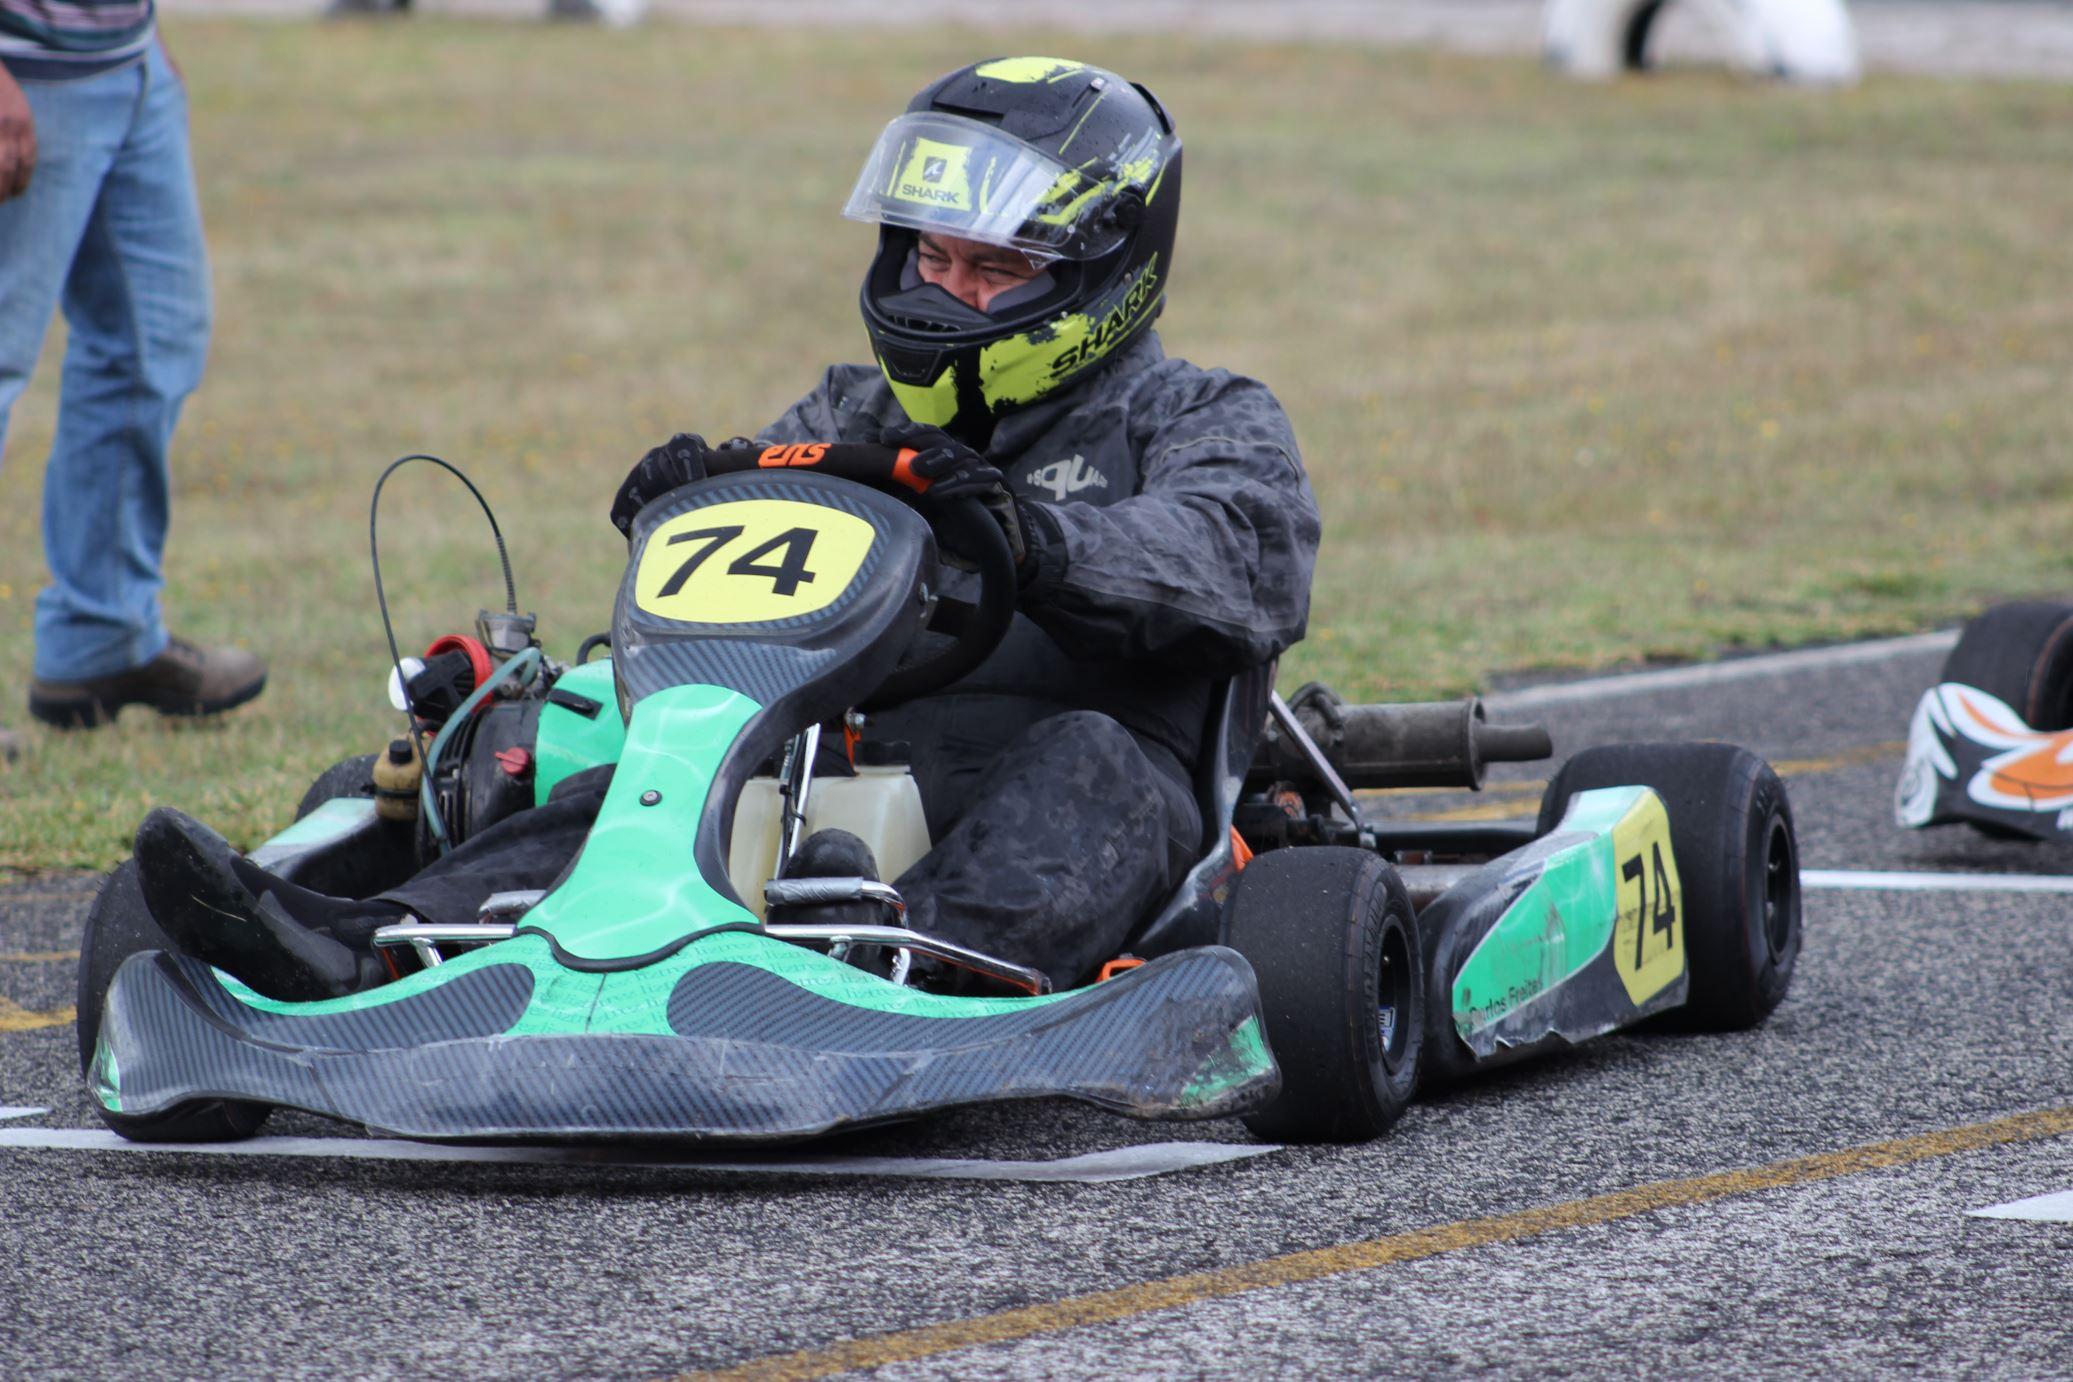 Troféu Honda 2014 - 2ª Prova161